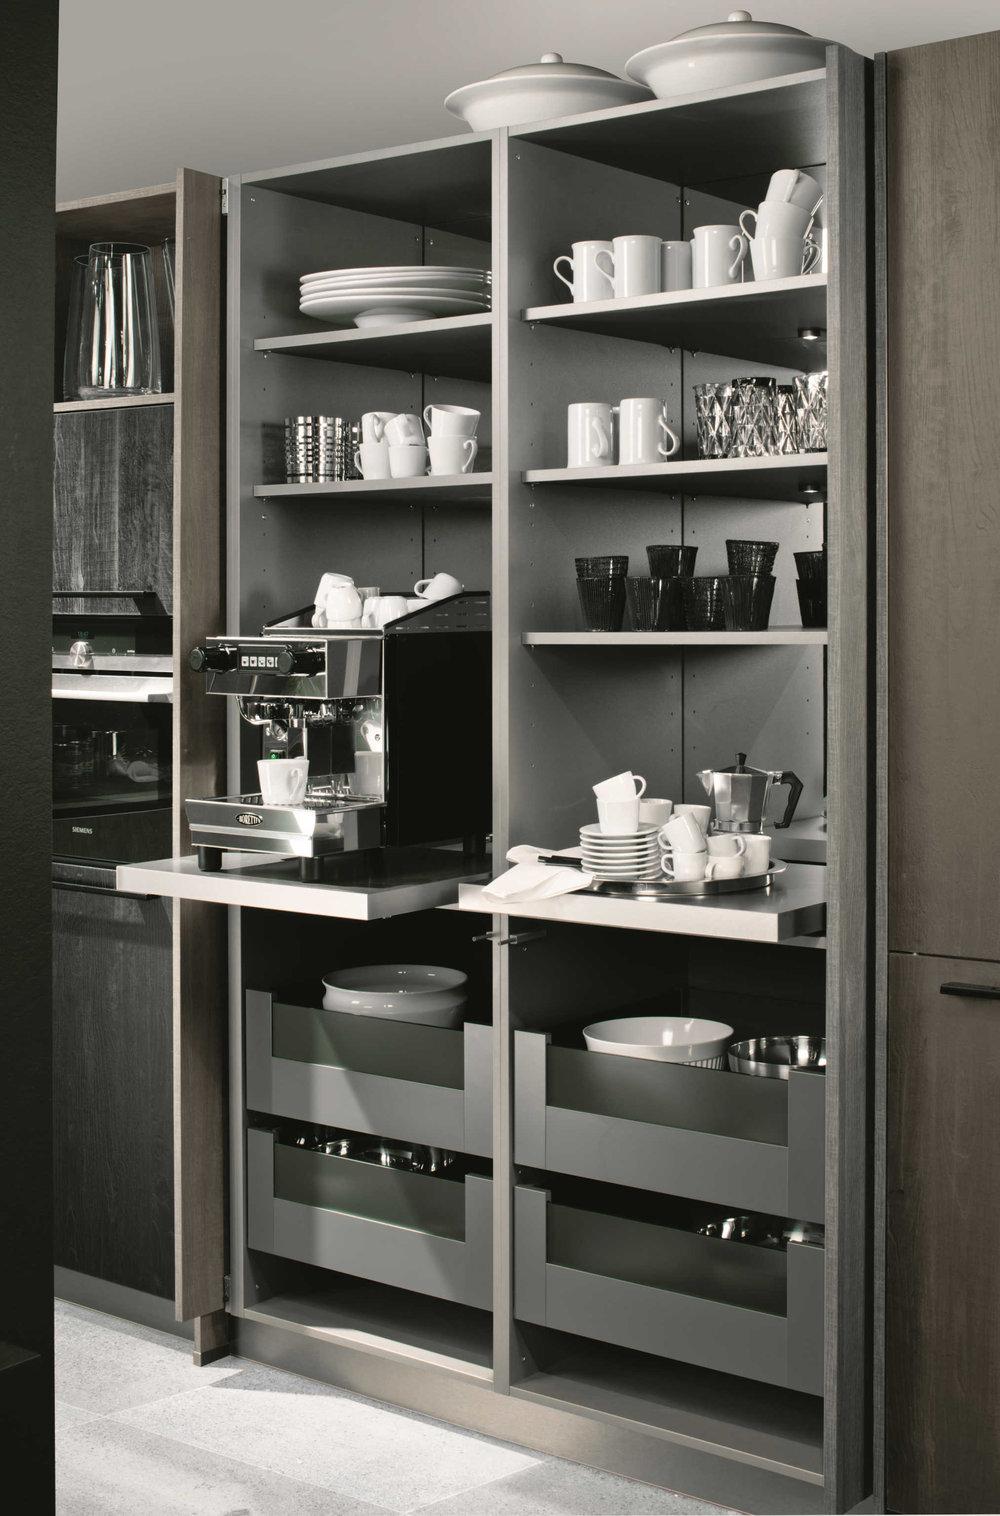 Kitchen Cabinets - Hidden Storage